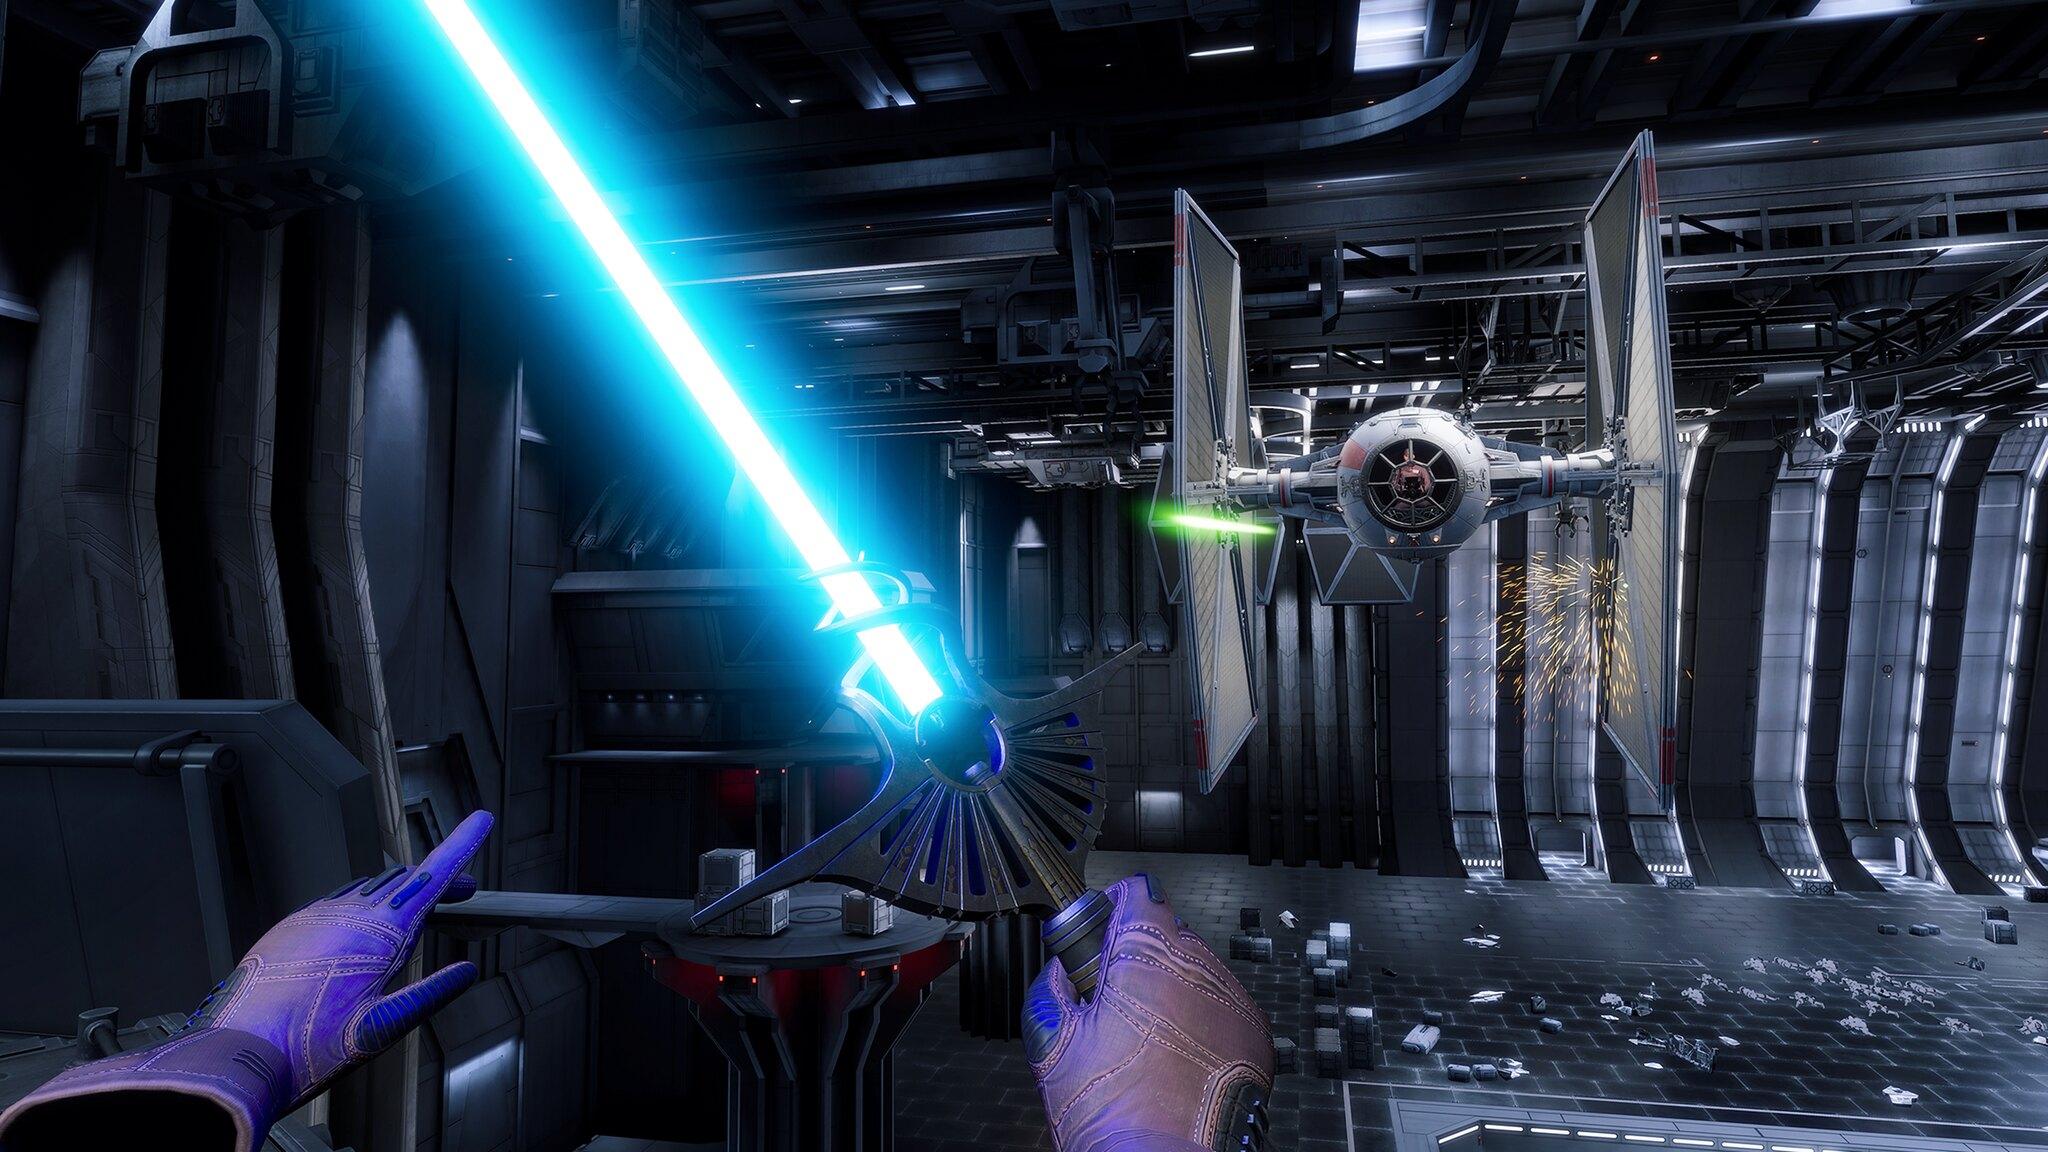 Star Wars Battlefront and Vader Immortal VR